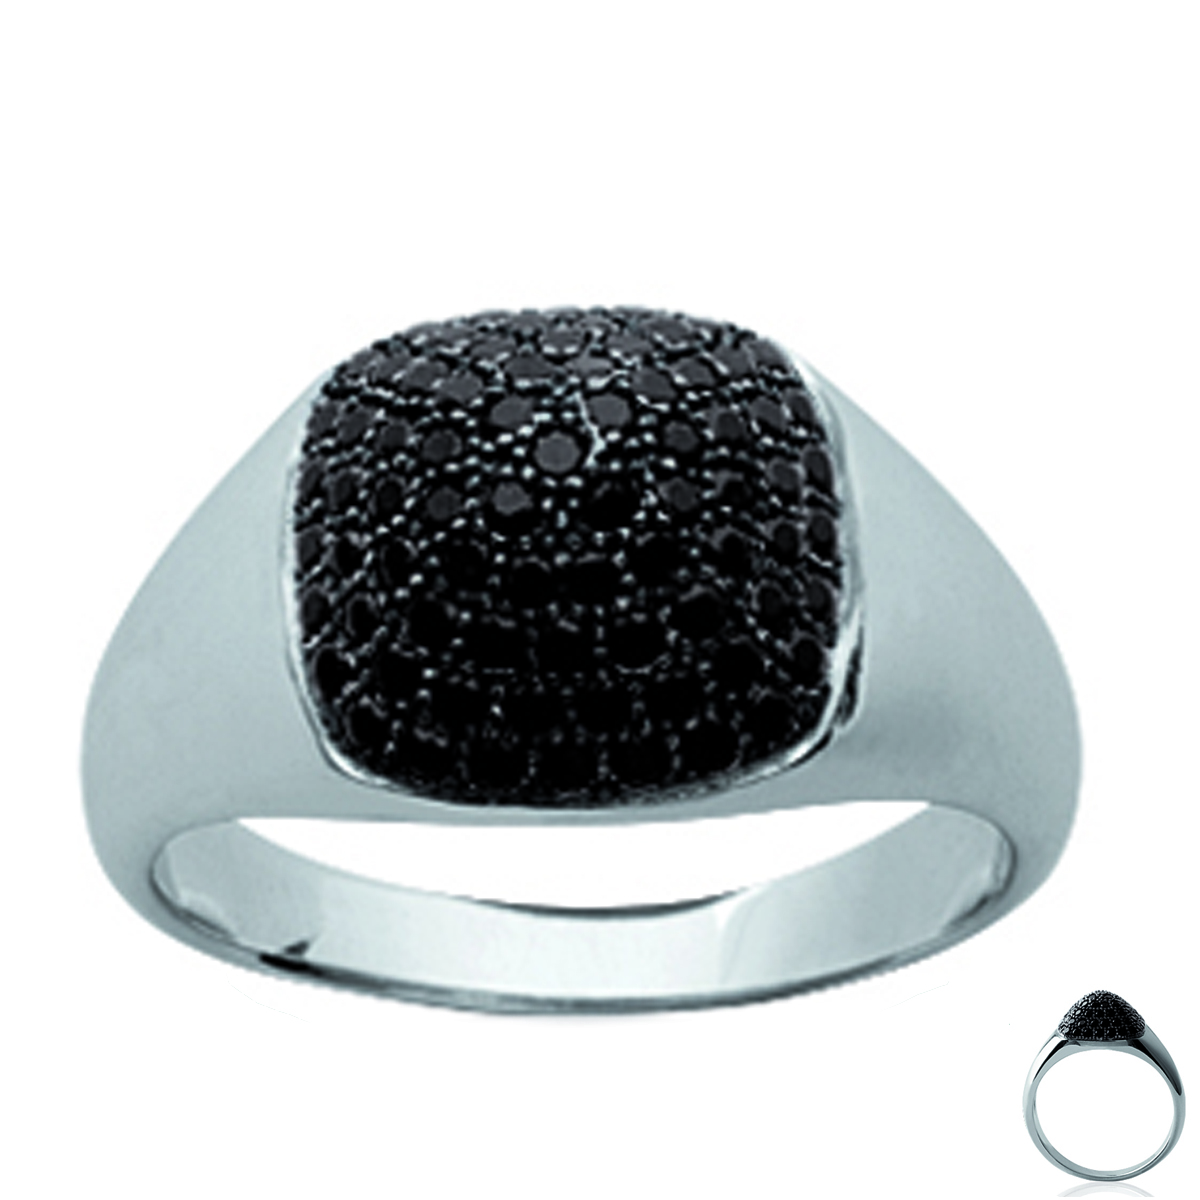 Bague argent \'Sissi\' noir argenté (rhodié) - 12x12 mm - [L5759]